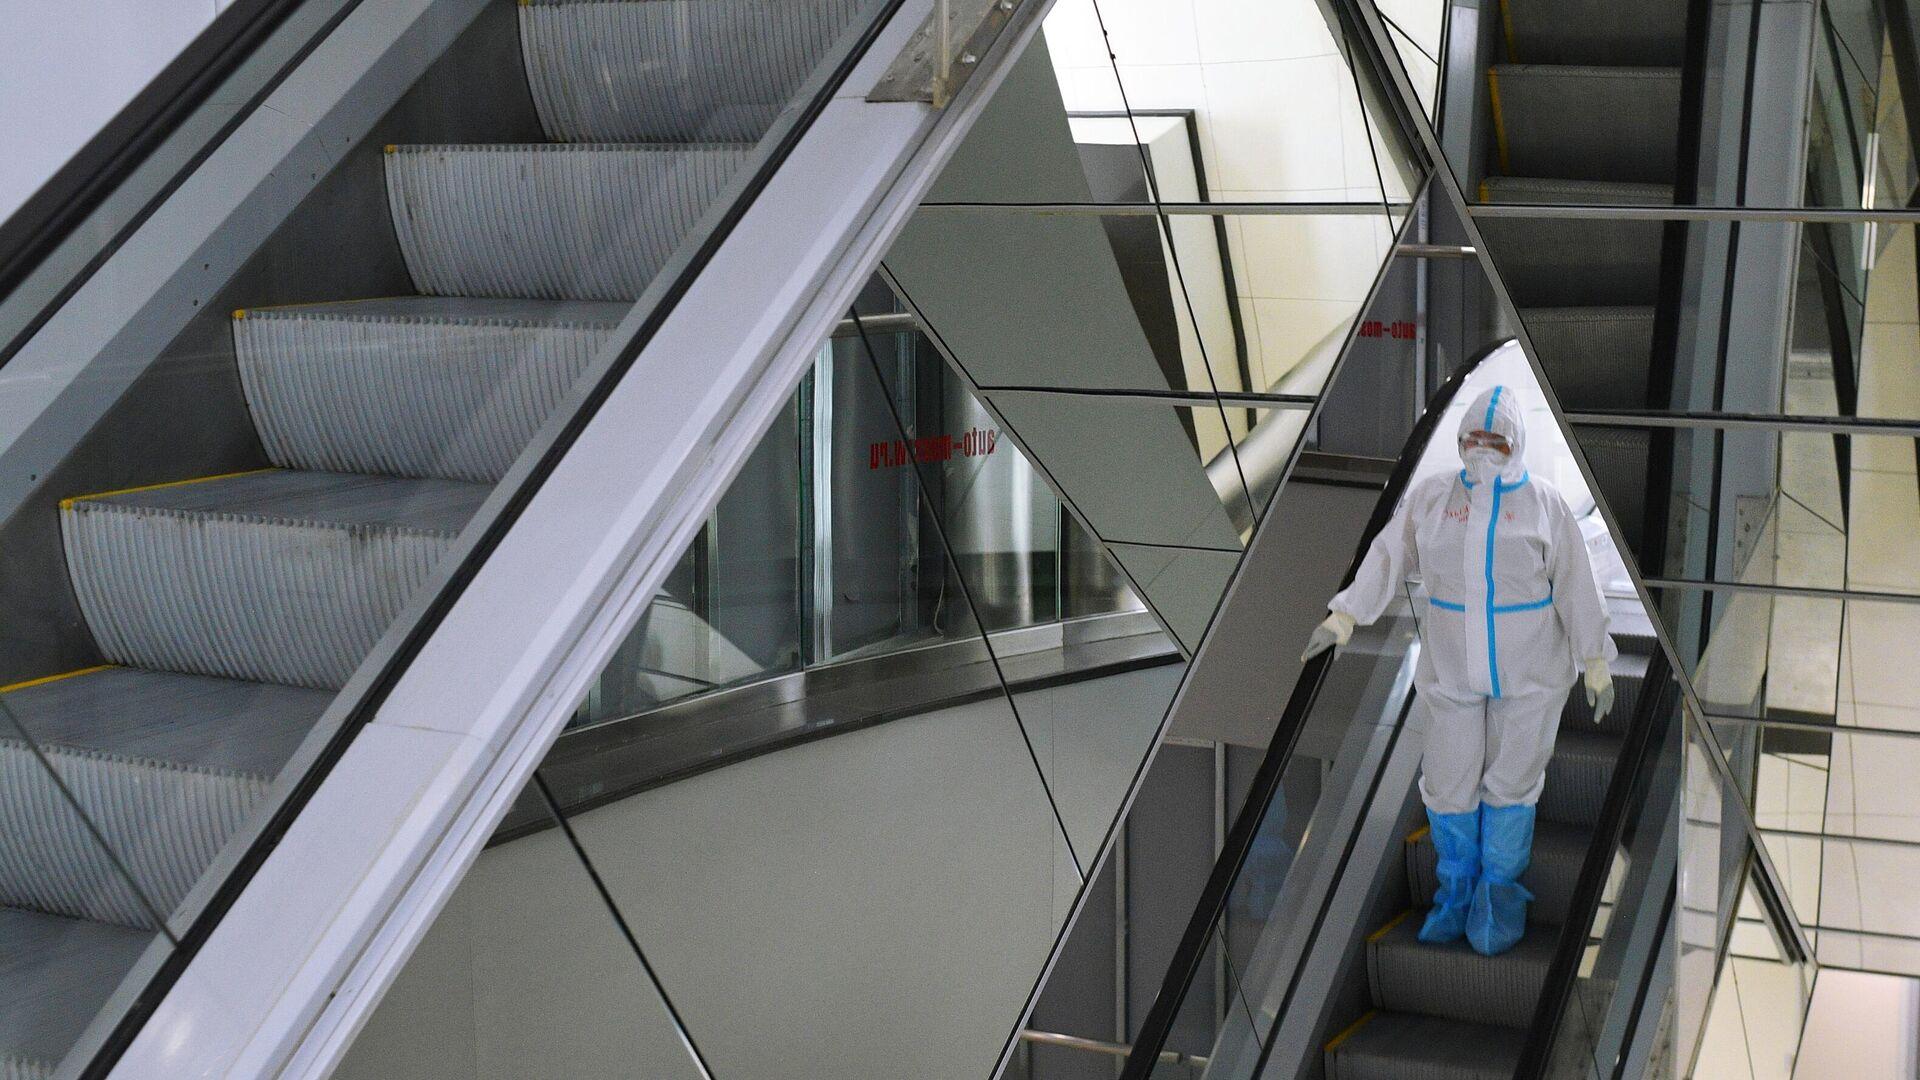 Медицинский работник во временном госпитале для пациентов с COVID-19 в автомобильном торговом центре Москва. - РИА Новости, 1920, 15.12.2020